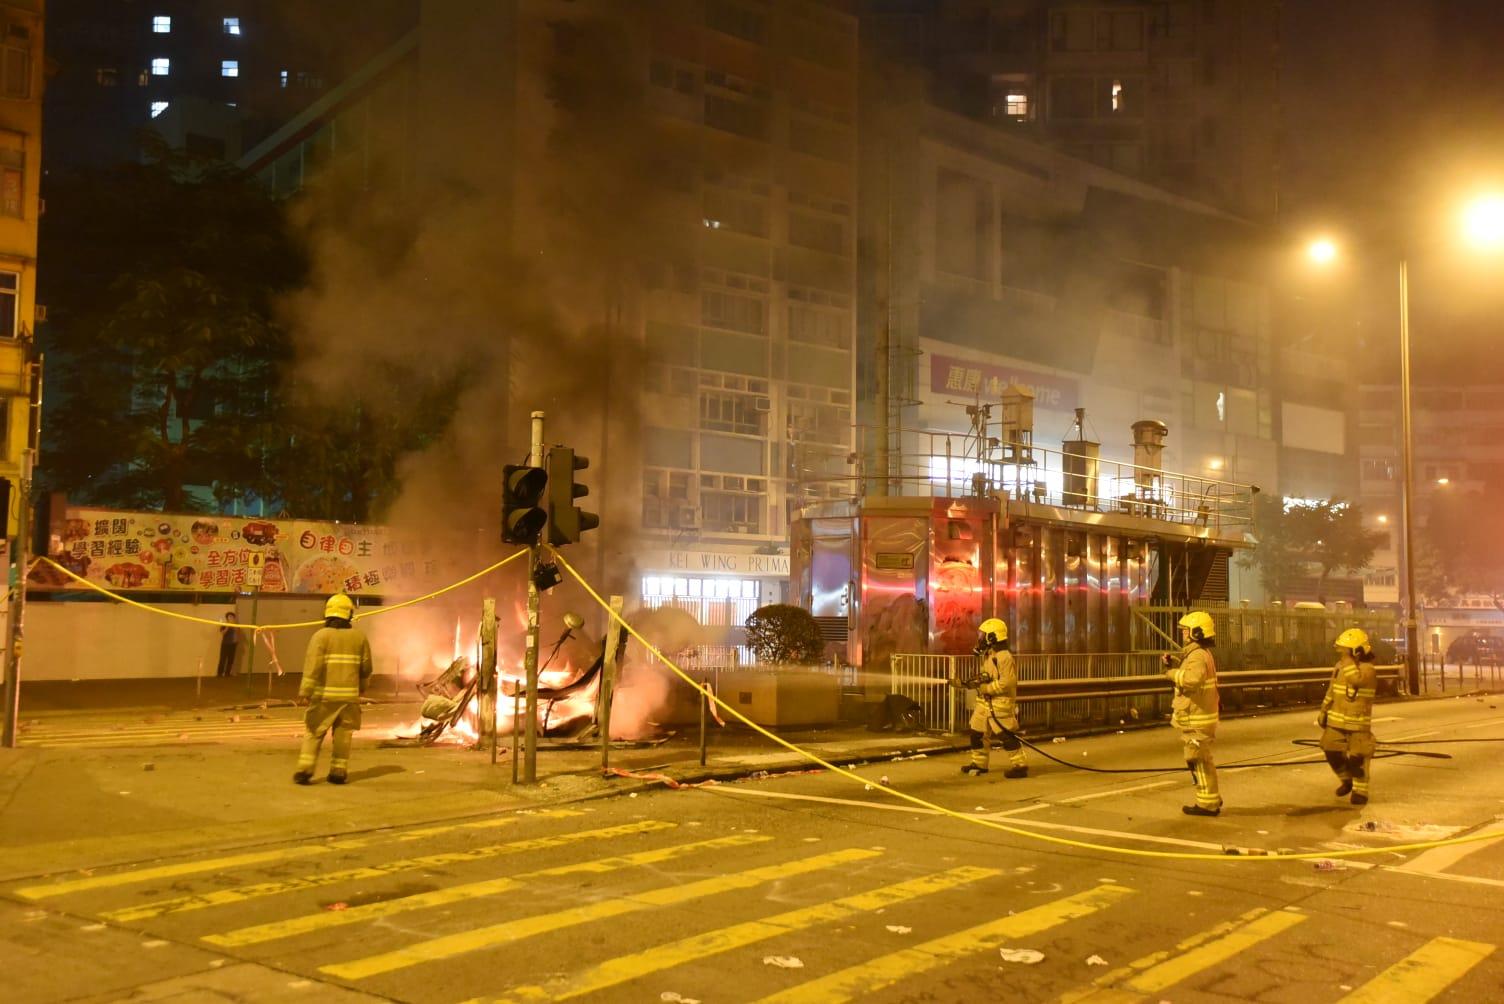 荔枝角道彌敦道交界,有雜物疑被縱火焚燒。